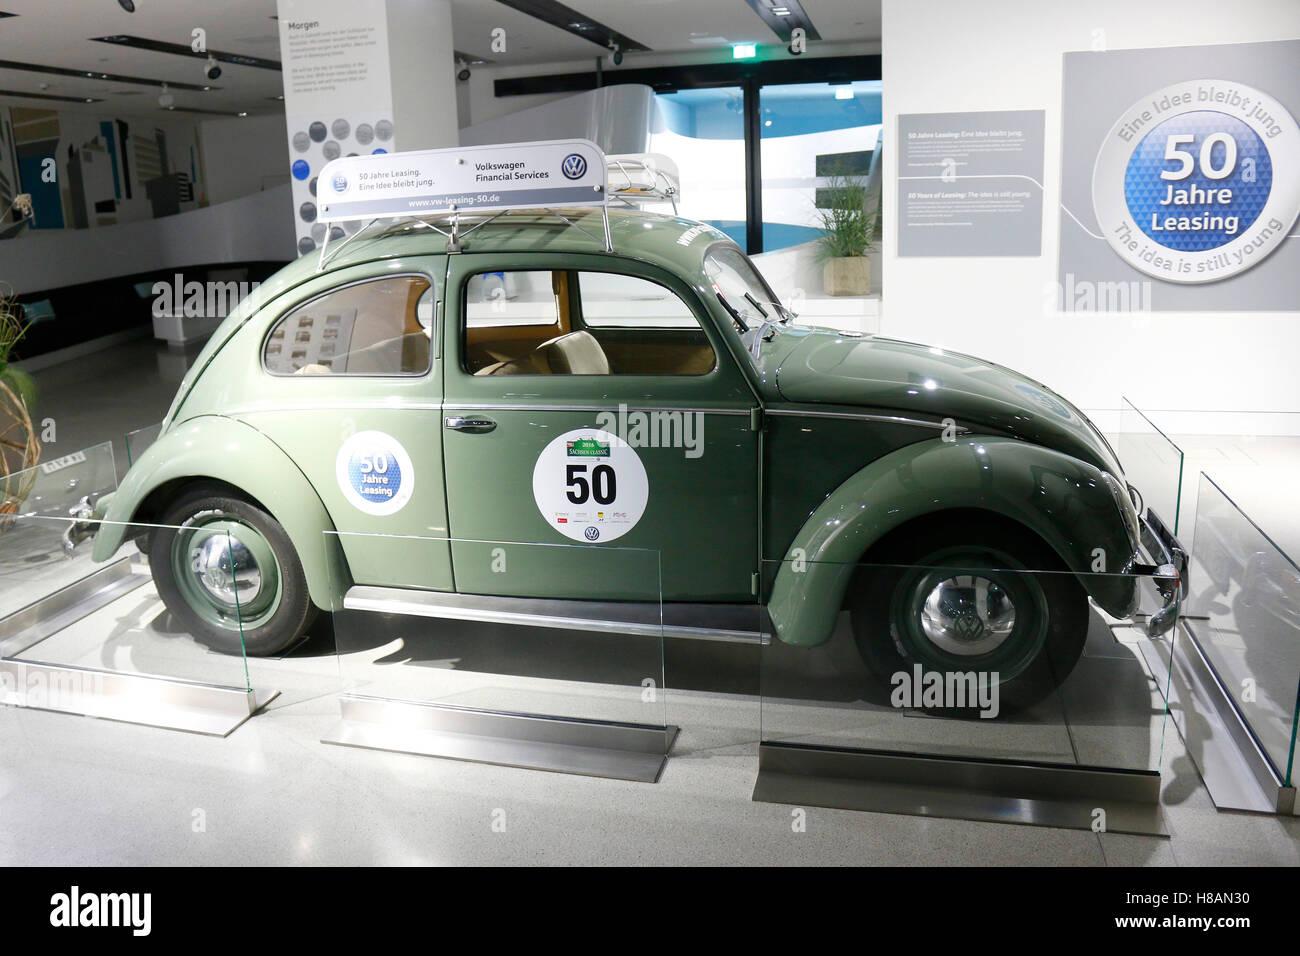 ein alter VW Kaefer, Berlin. - Stock Image